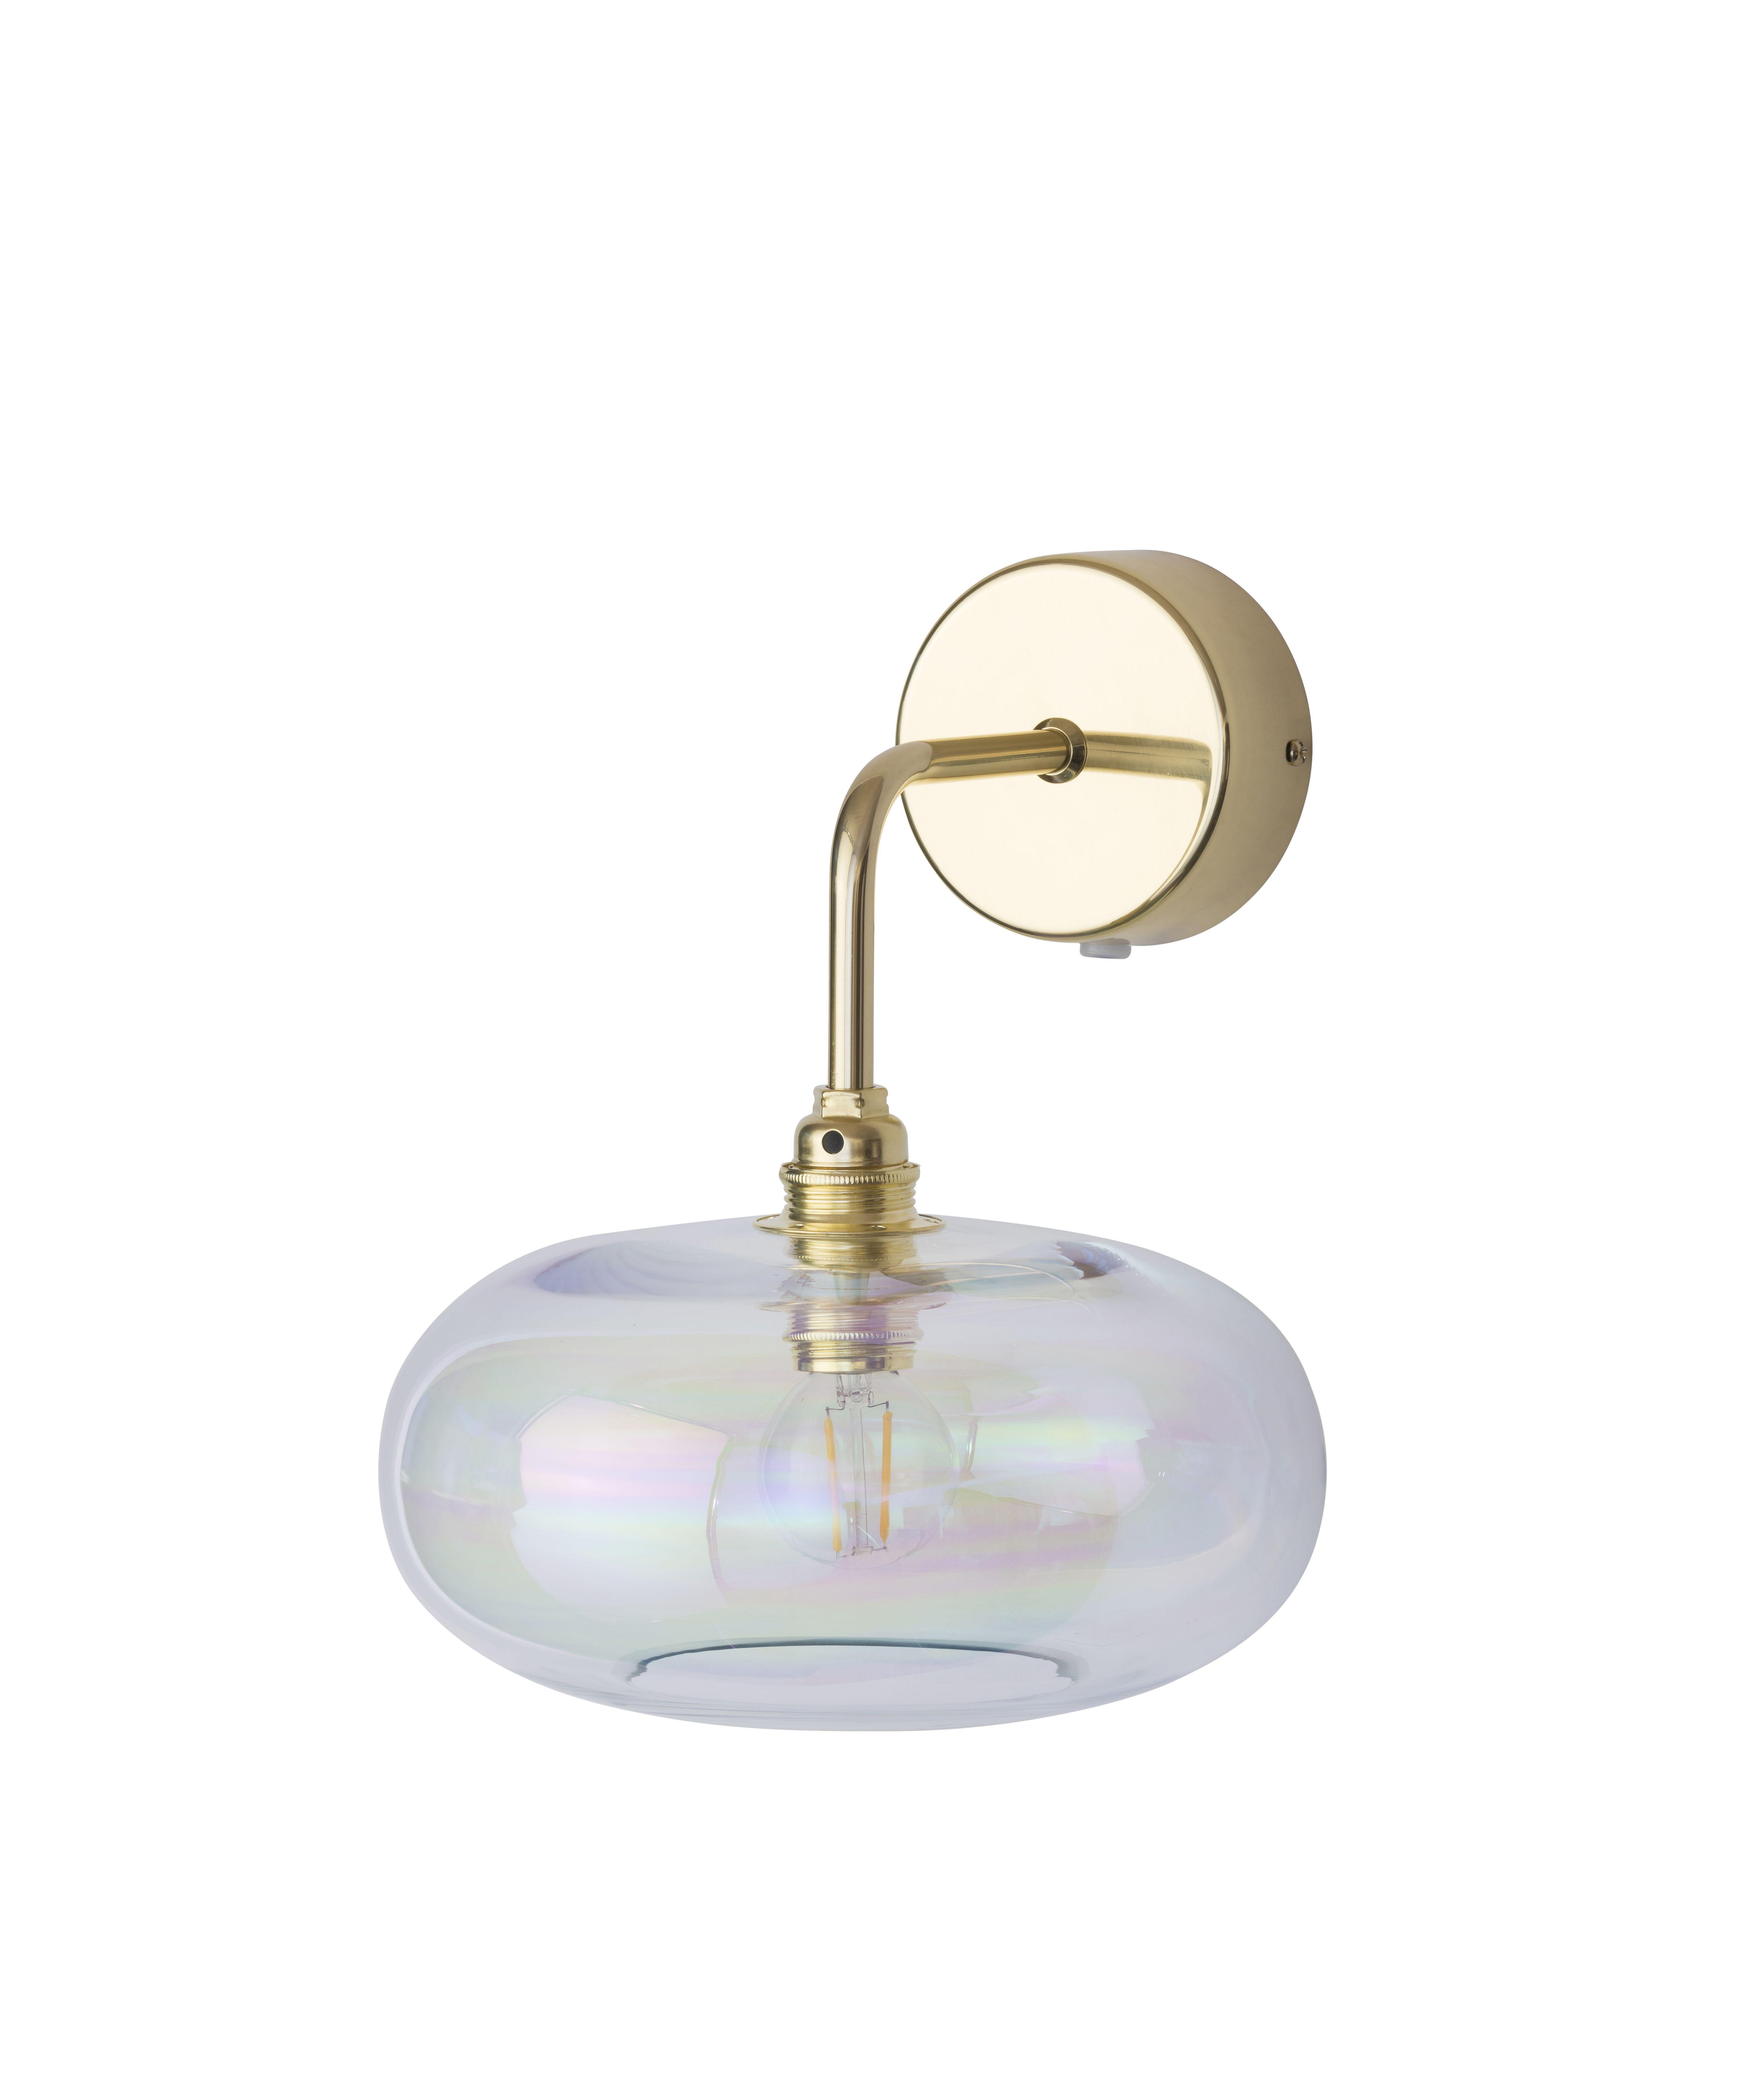 Pin Von Karen Jensen Auf Beleuchtung Beleuchtung